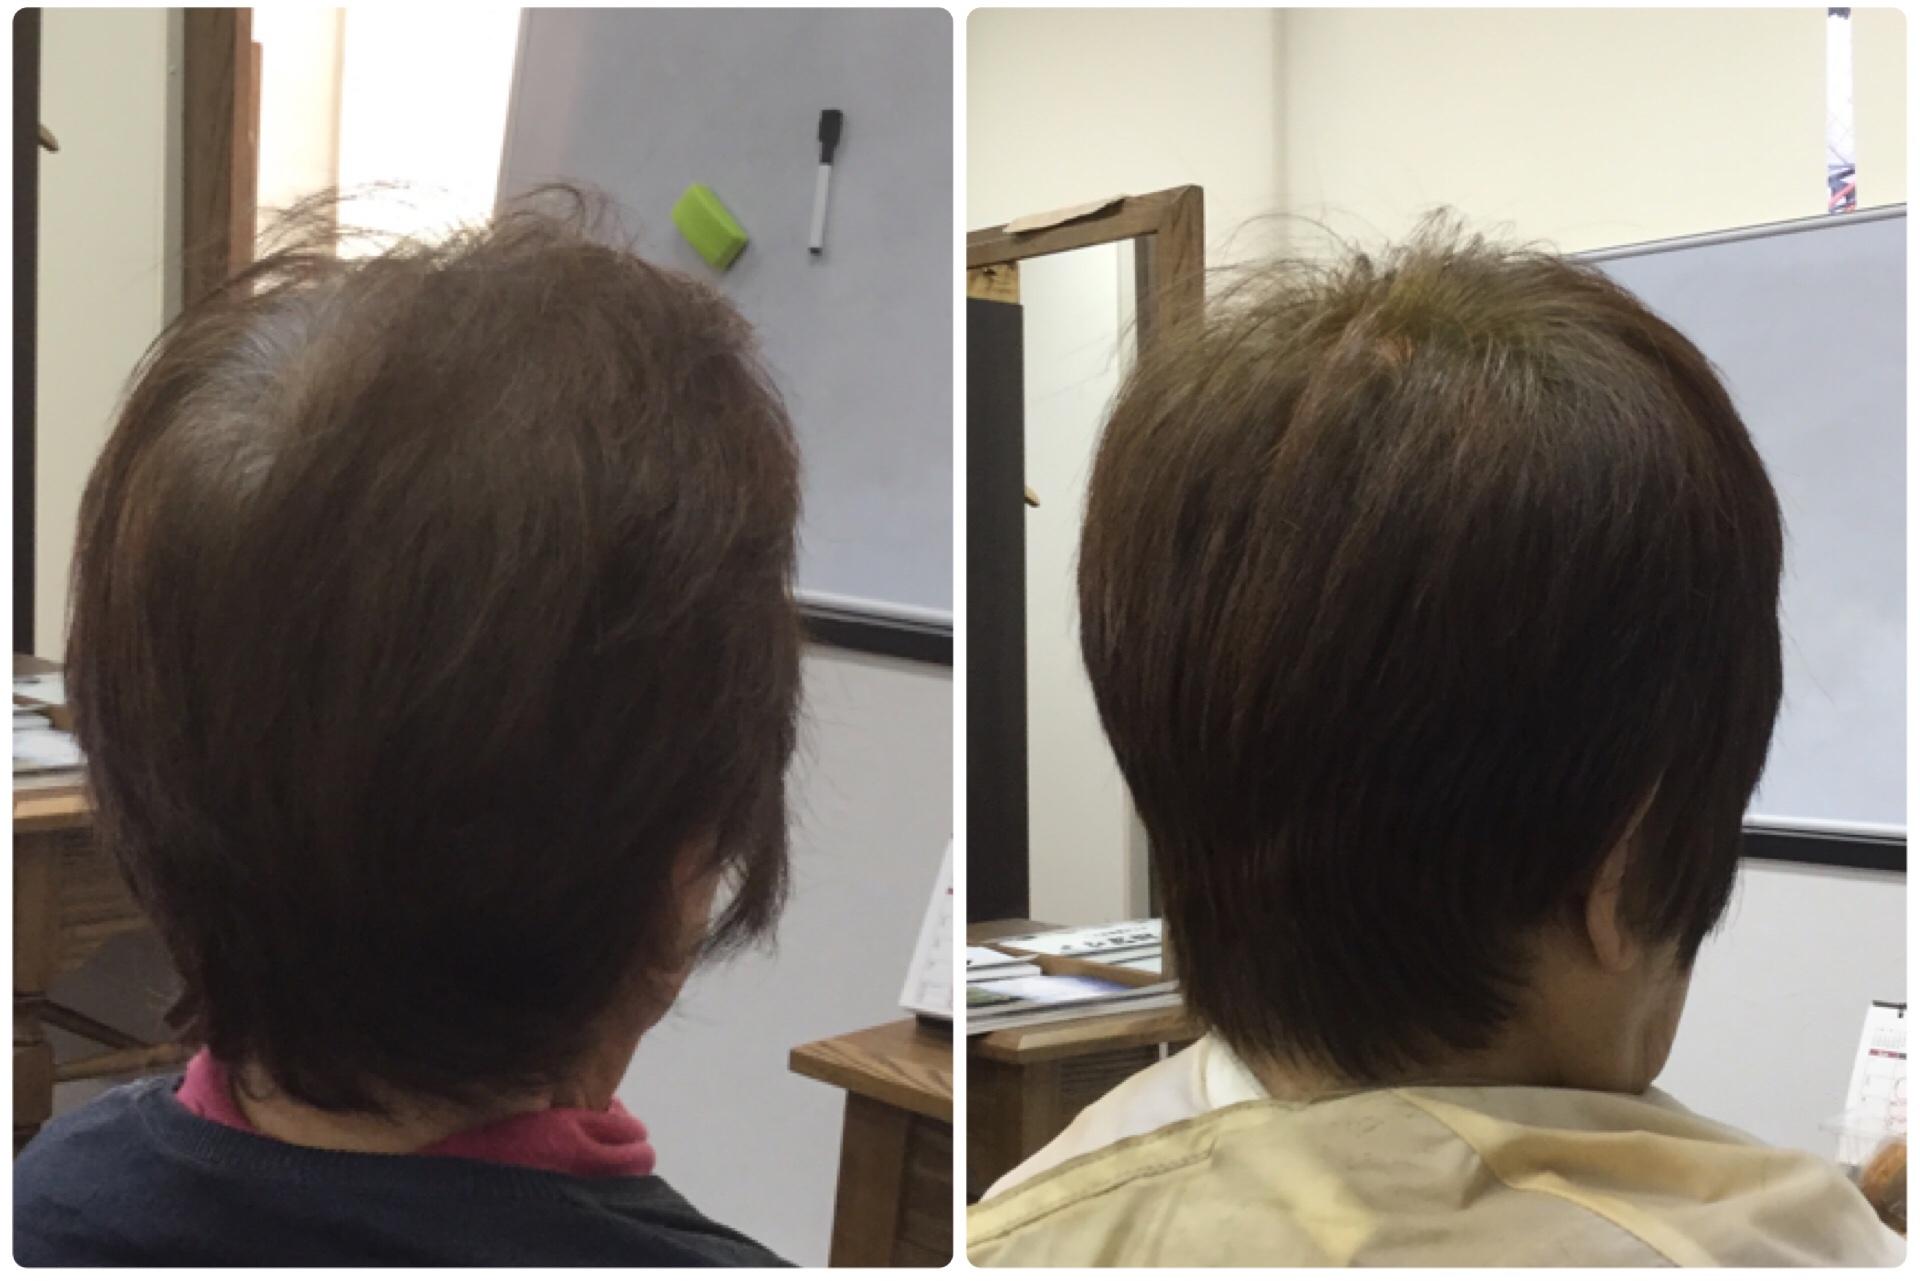 アレルギーでヘアカラーをするとかぶれるから天然100%熟成ヘナの神戸くせ毛専門美容室アバディ